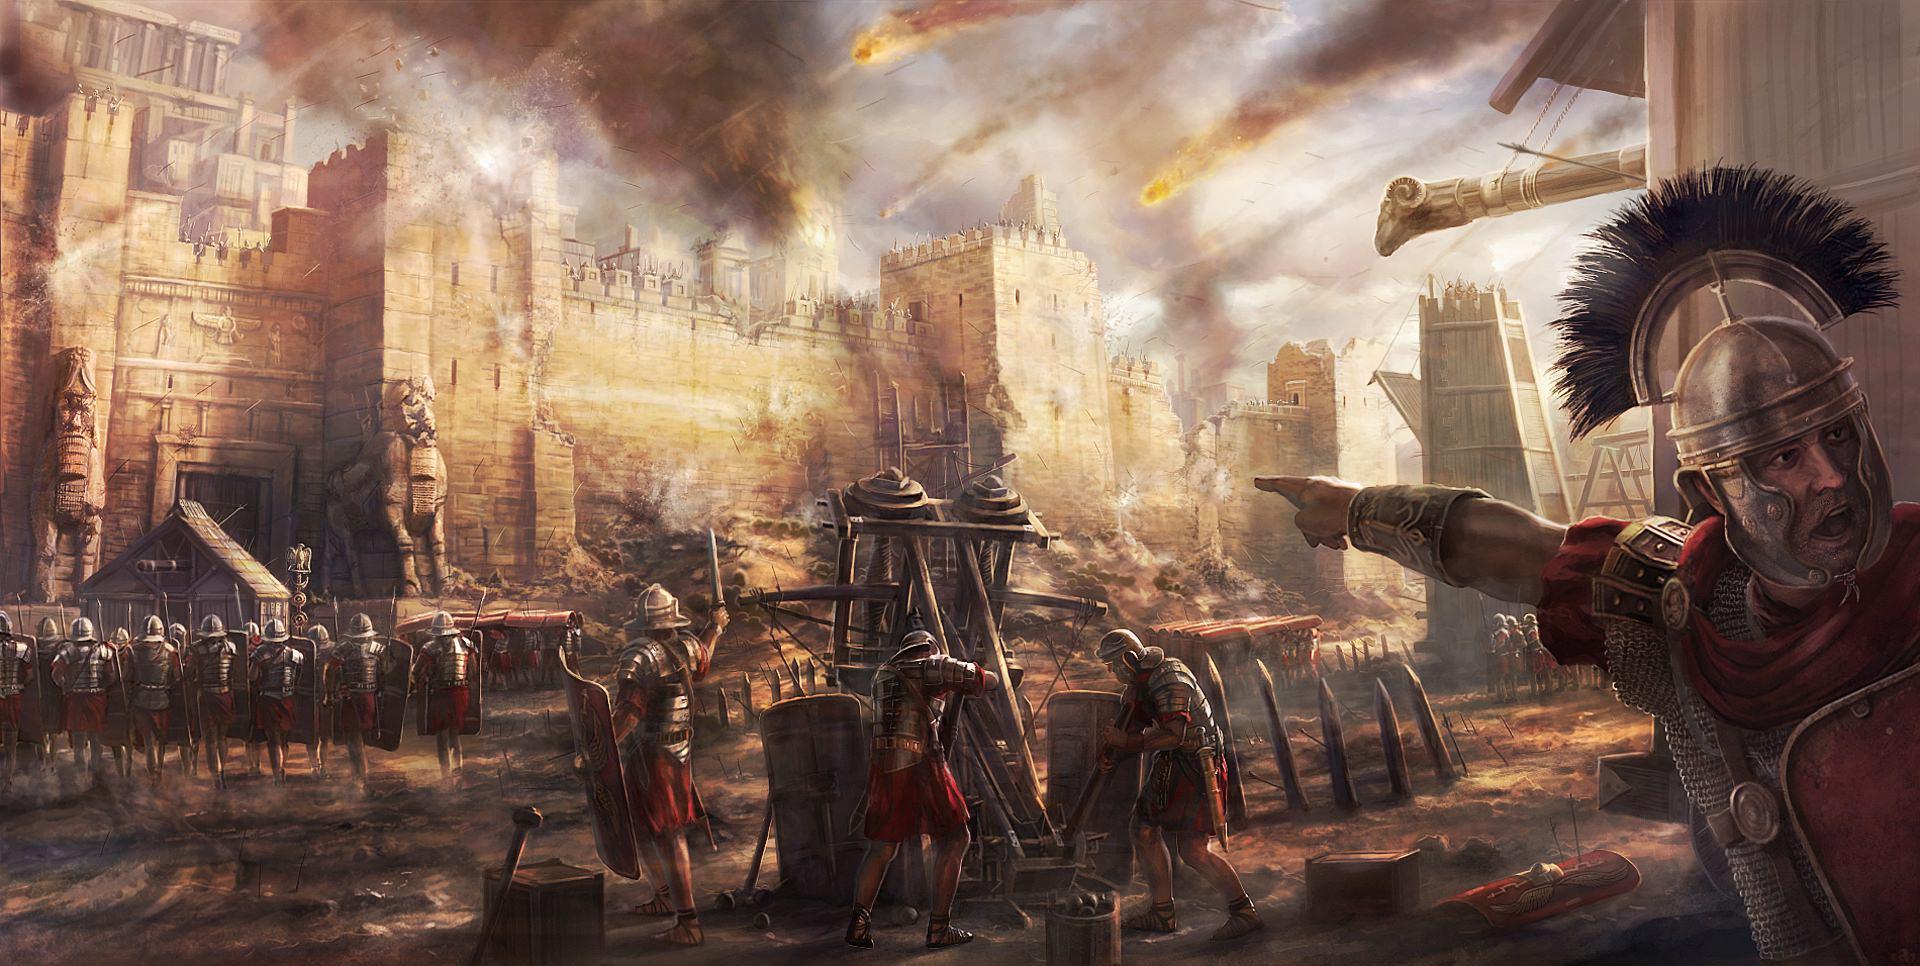 上图:罗马军队攻城的艺术渲染图。保罗使用了许多军事术语来比喻属灵争战的实际是「将人所有的心意夺回,使他都顺服基督」(林后十3-6)。